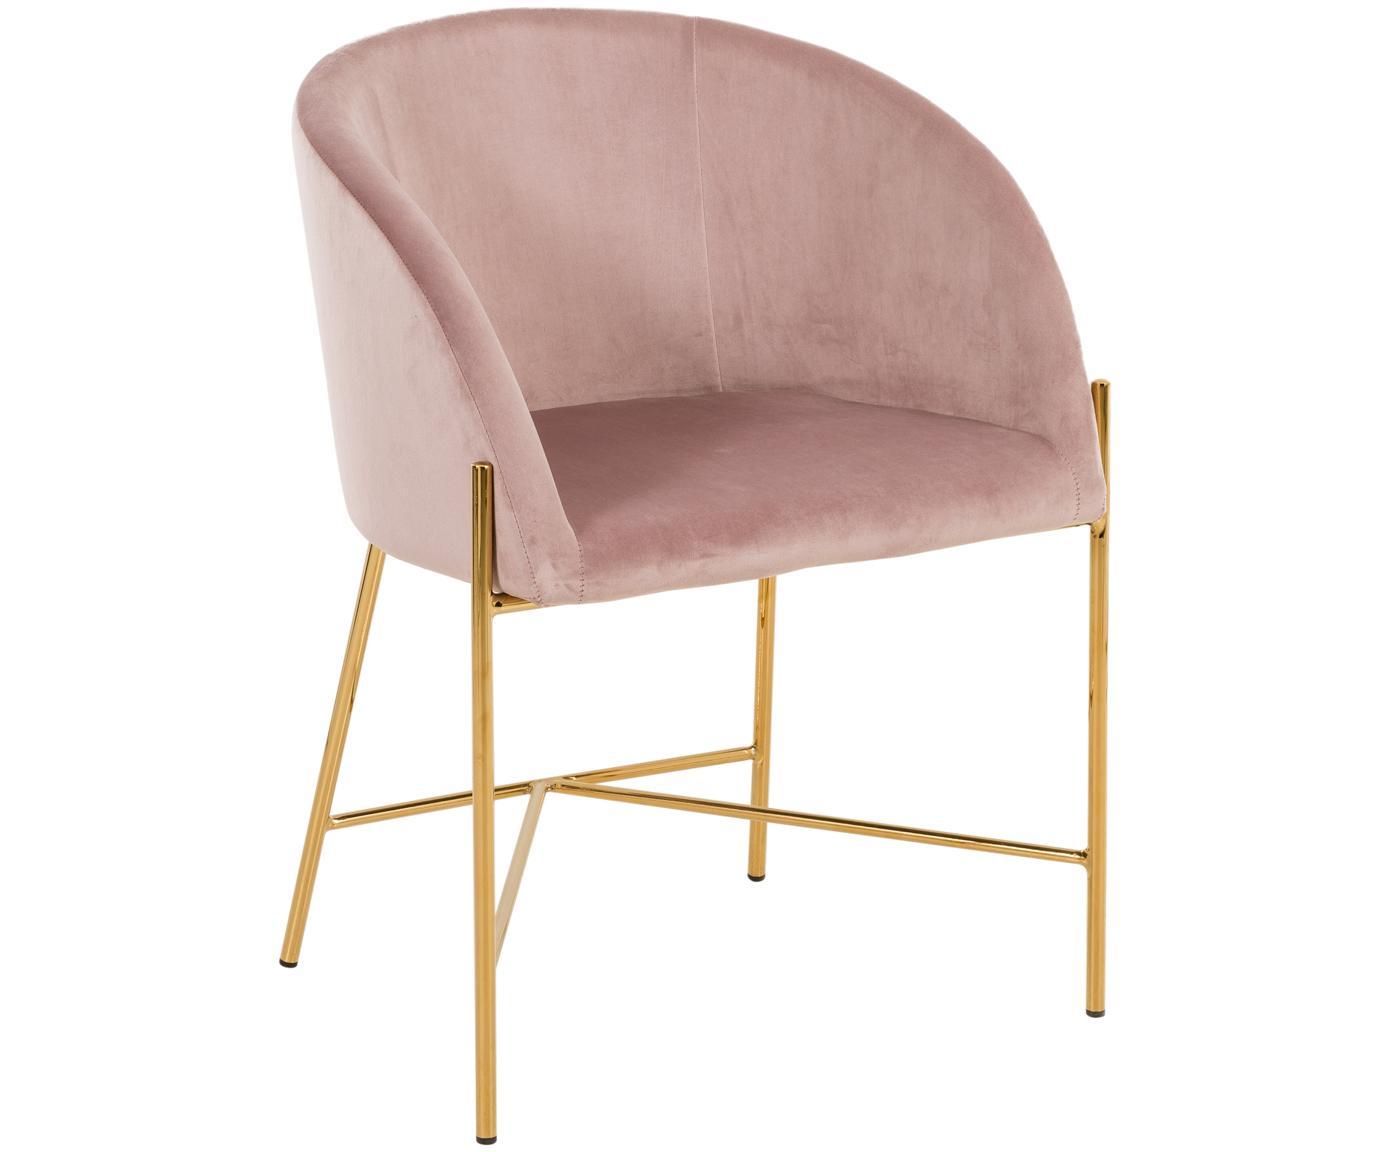 Krzesło z podłokietnikami z aksamitu Nelson, Tapicerka: aksamit poliestrowy 2500, Nogi: metal mosiądzowany, Brudny różowy, S 56 x G 55 cm